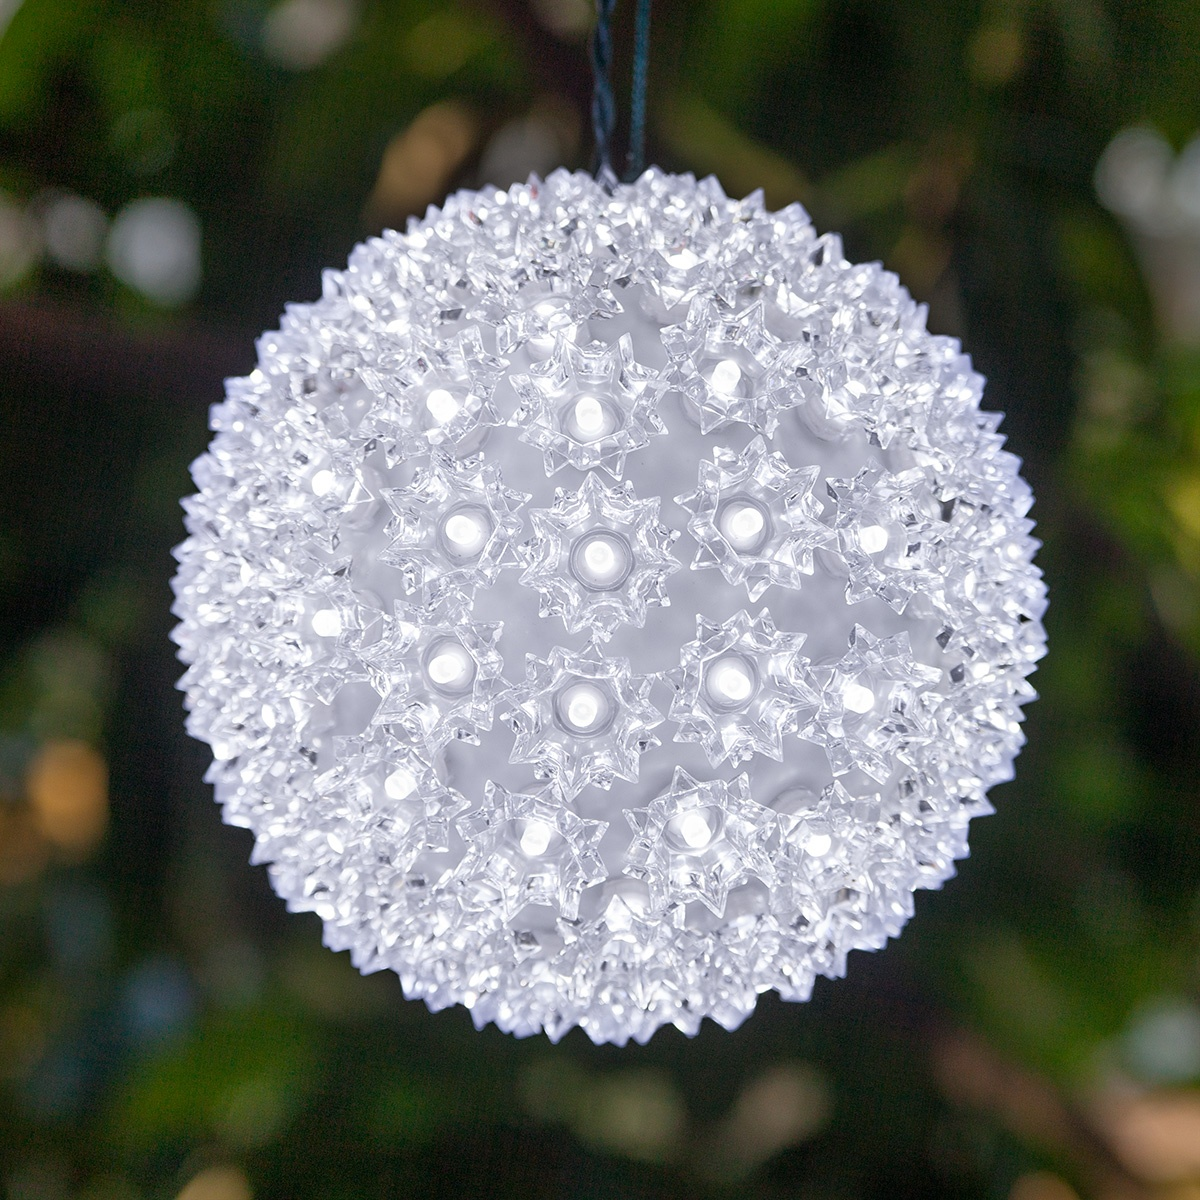 Light Sphere Cool White Led Yard Envy